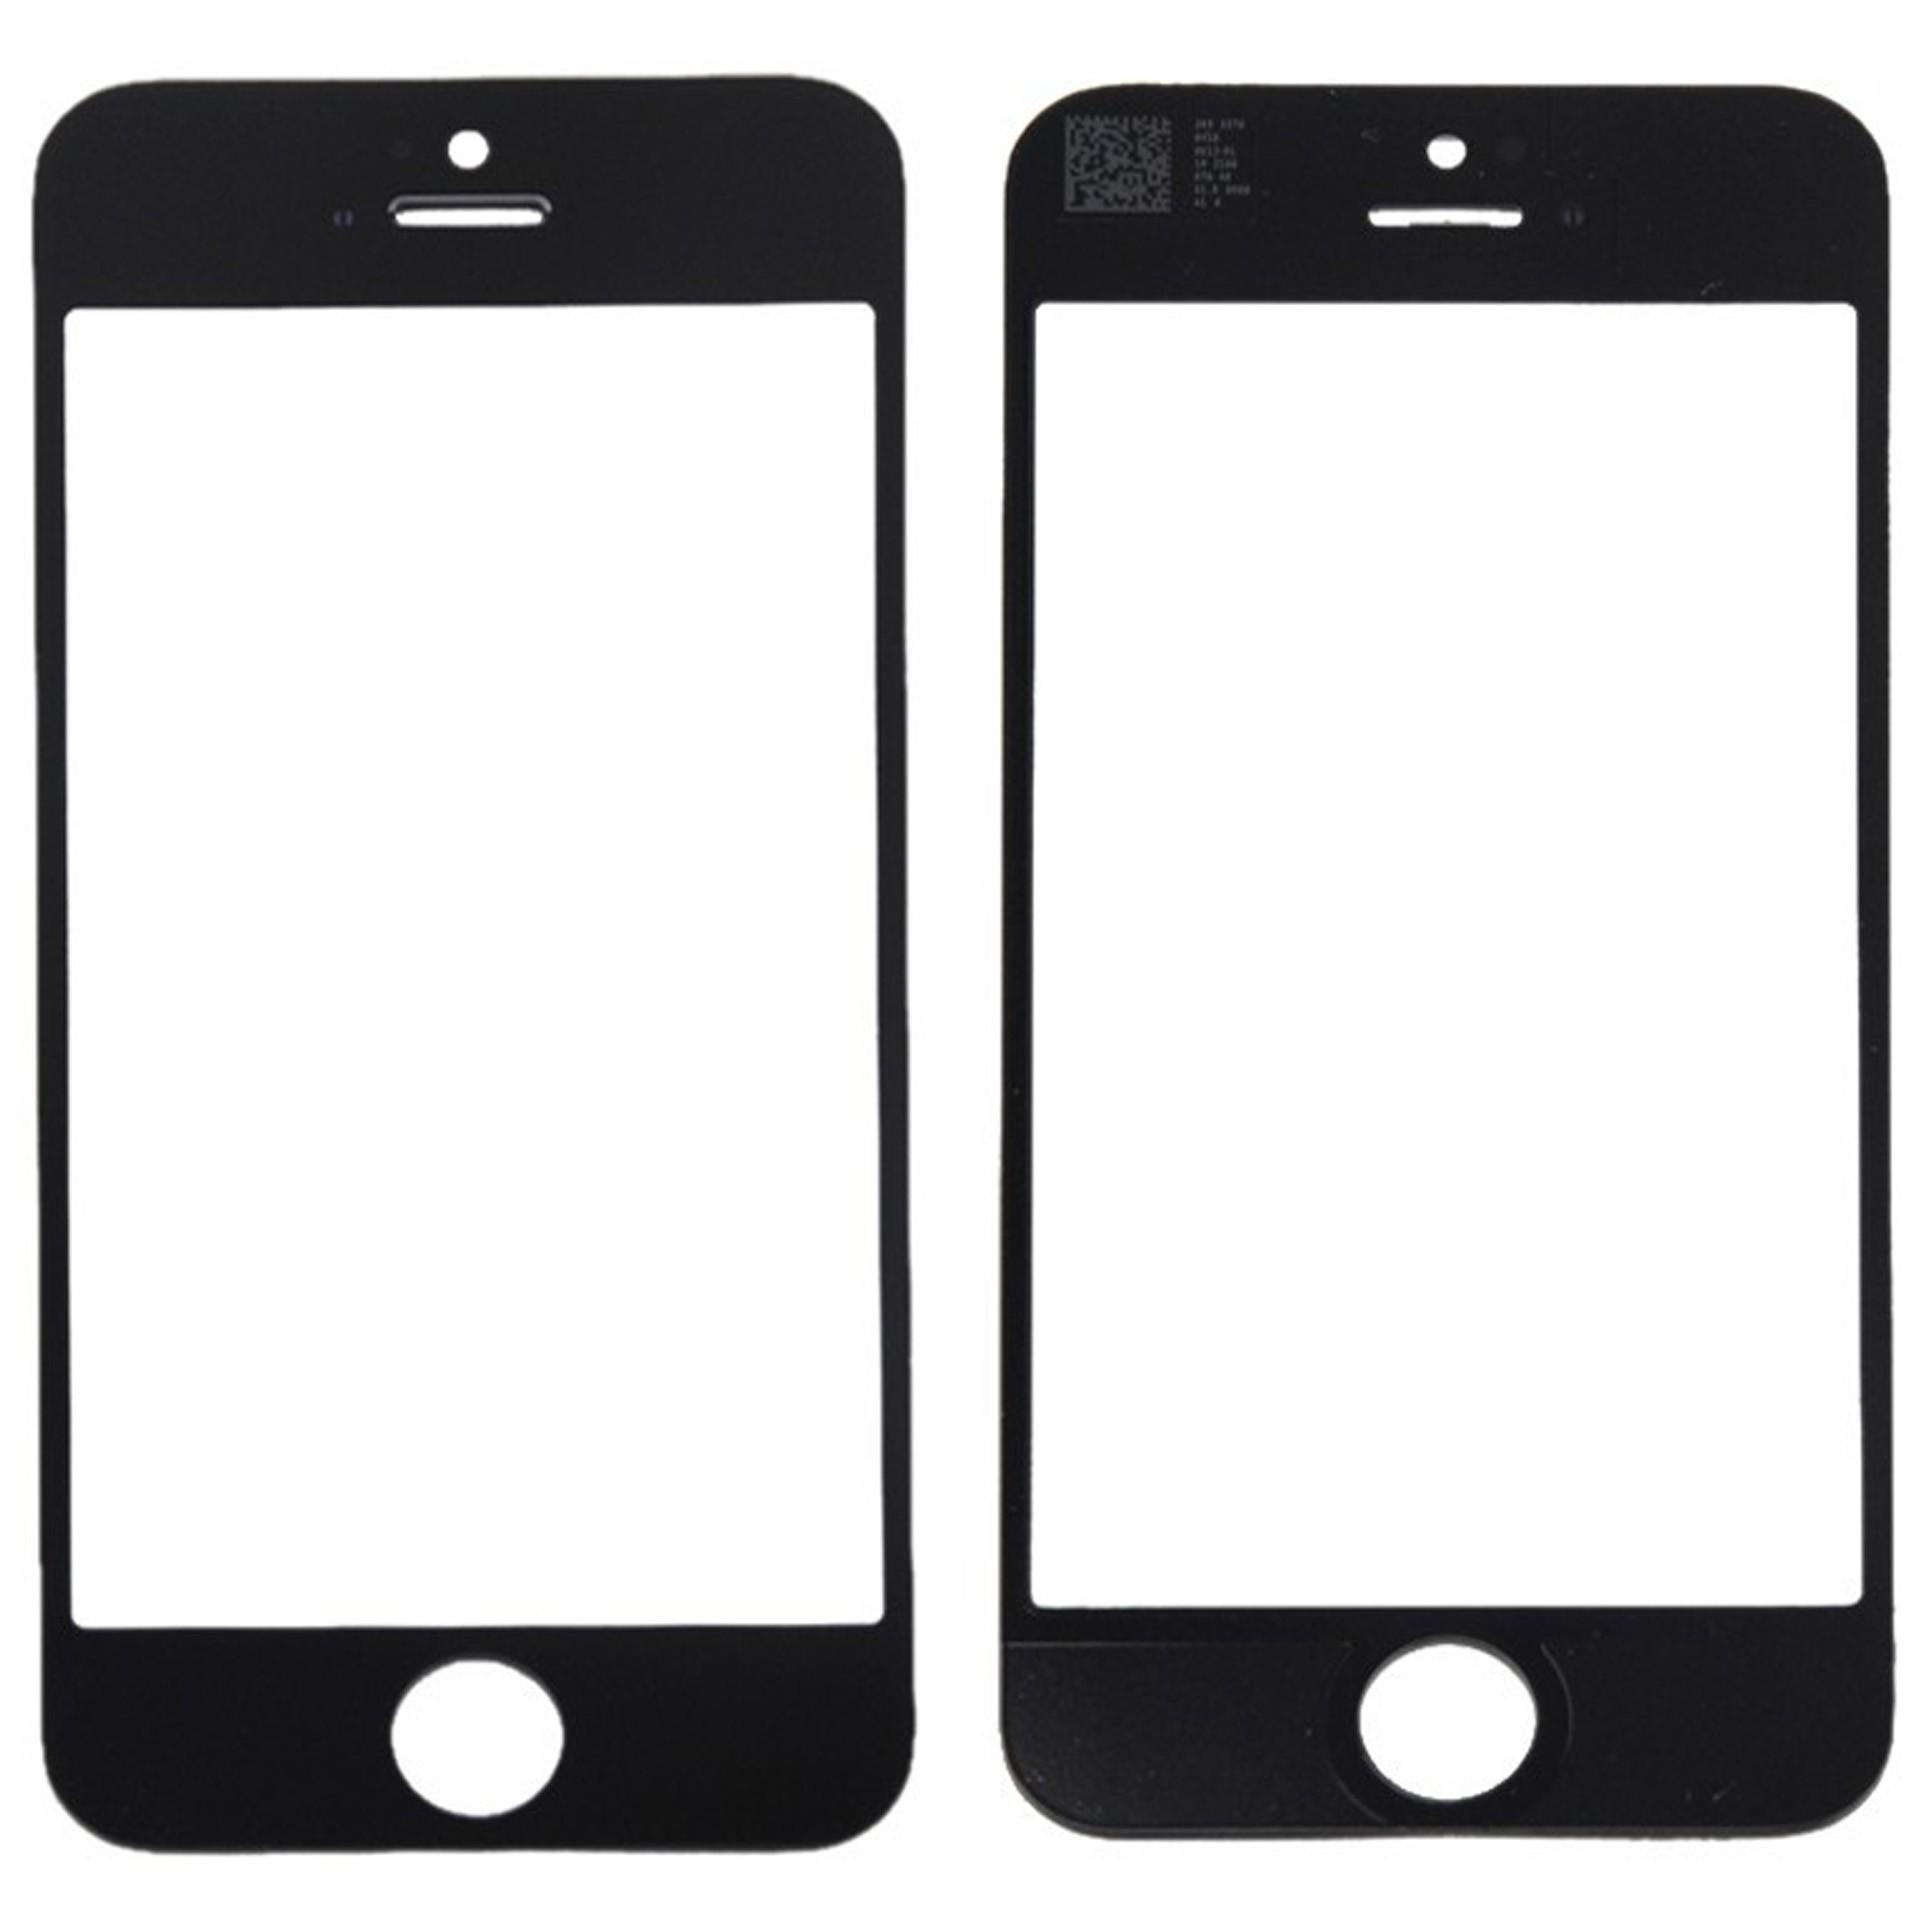 Ersatzglas für iPhone 5s - Schwarz